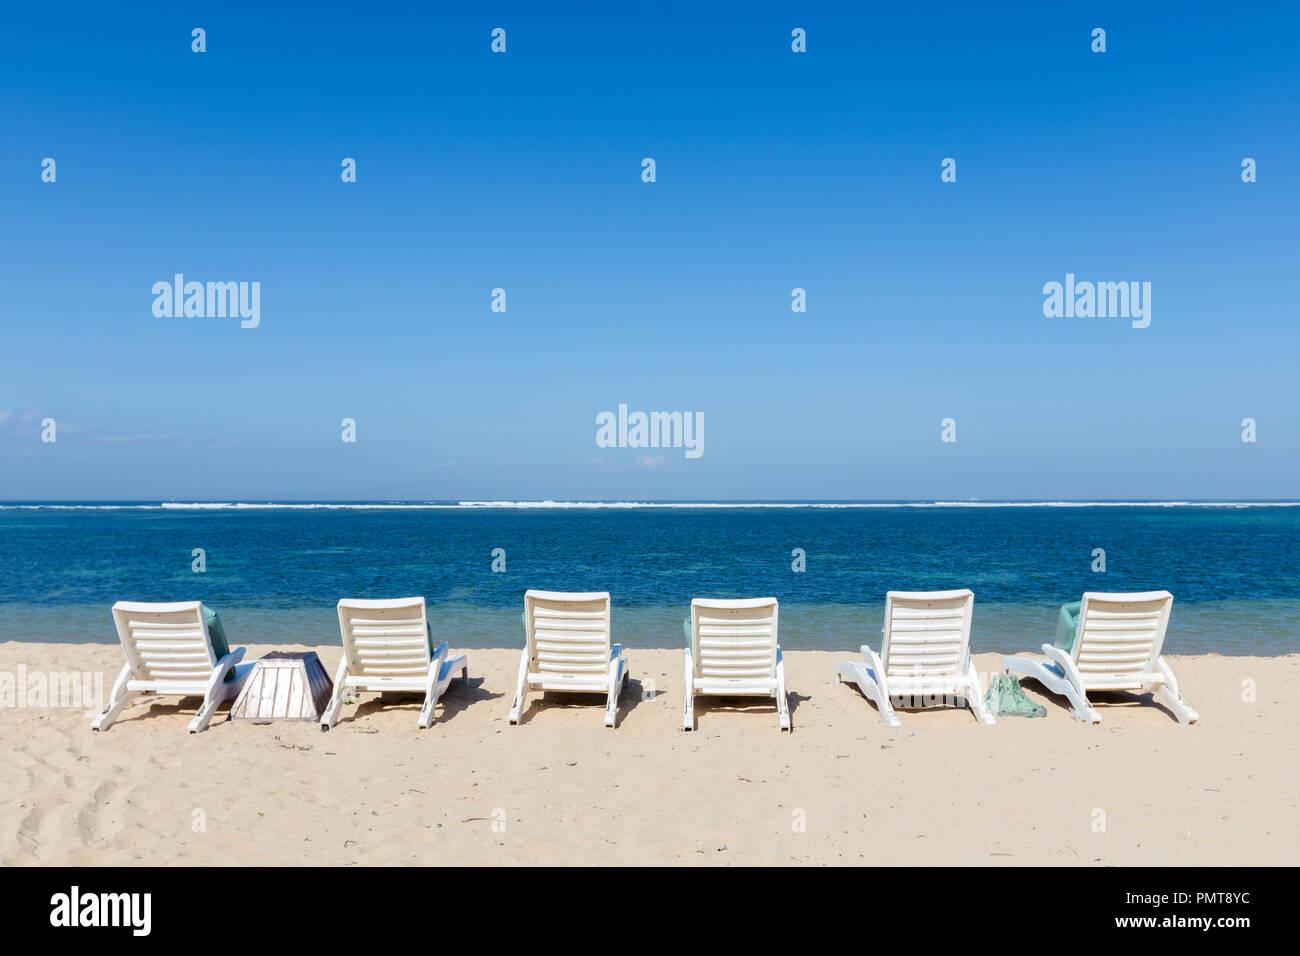 Des chaises longues sur la plage, Sanur, Bali, Indonésie Photo Stock